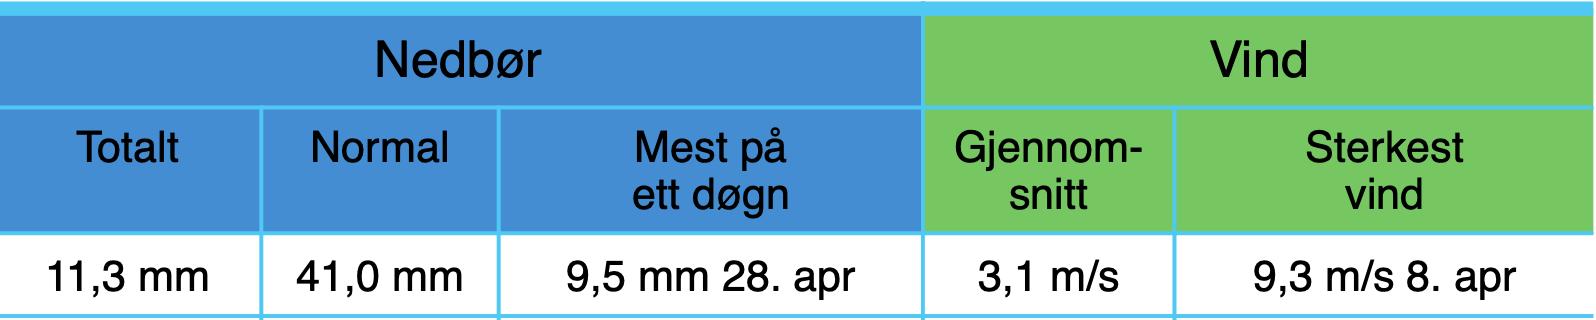 Skjermbilde 2019-05-12 kl. 15.07.31.png